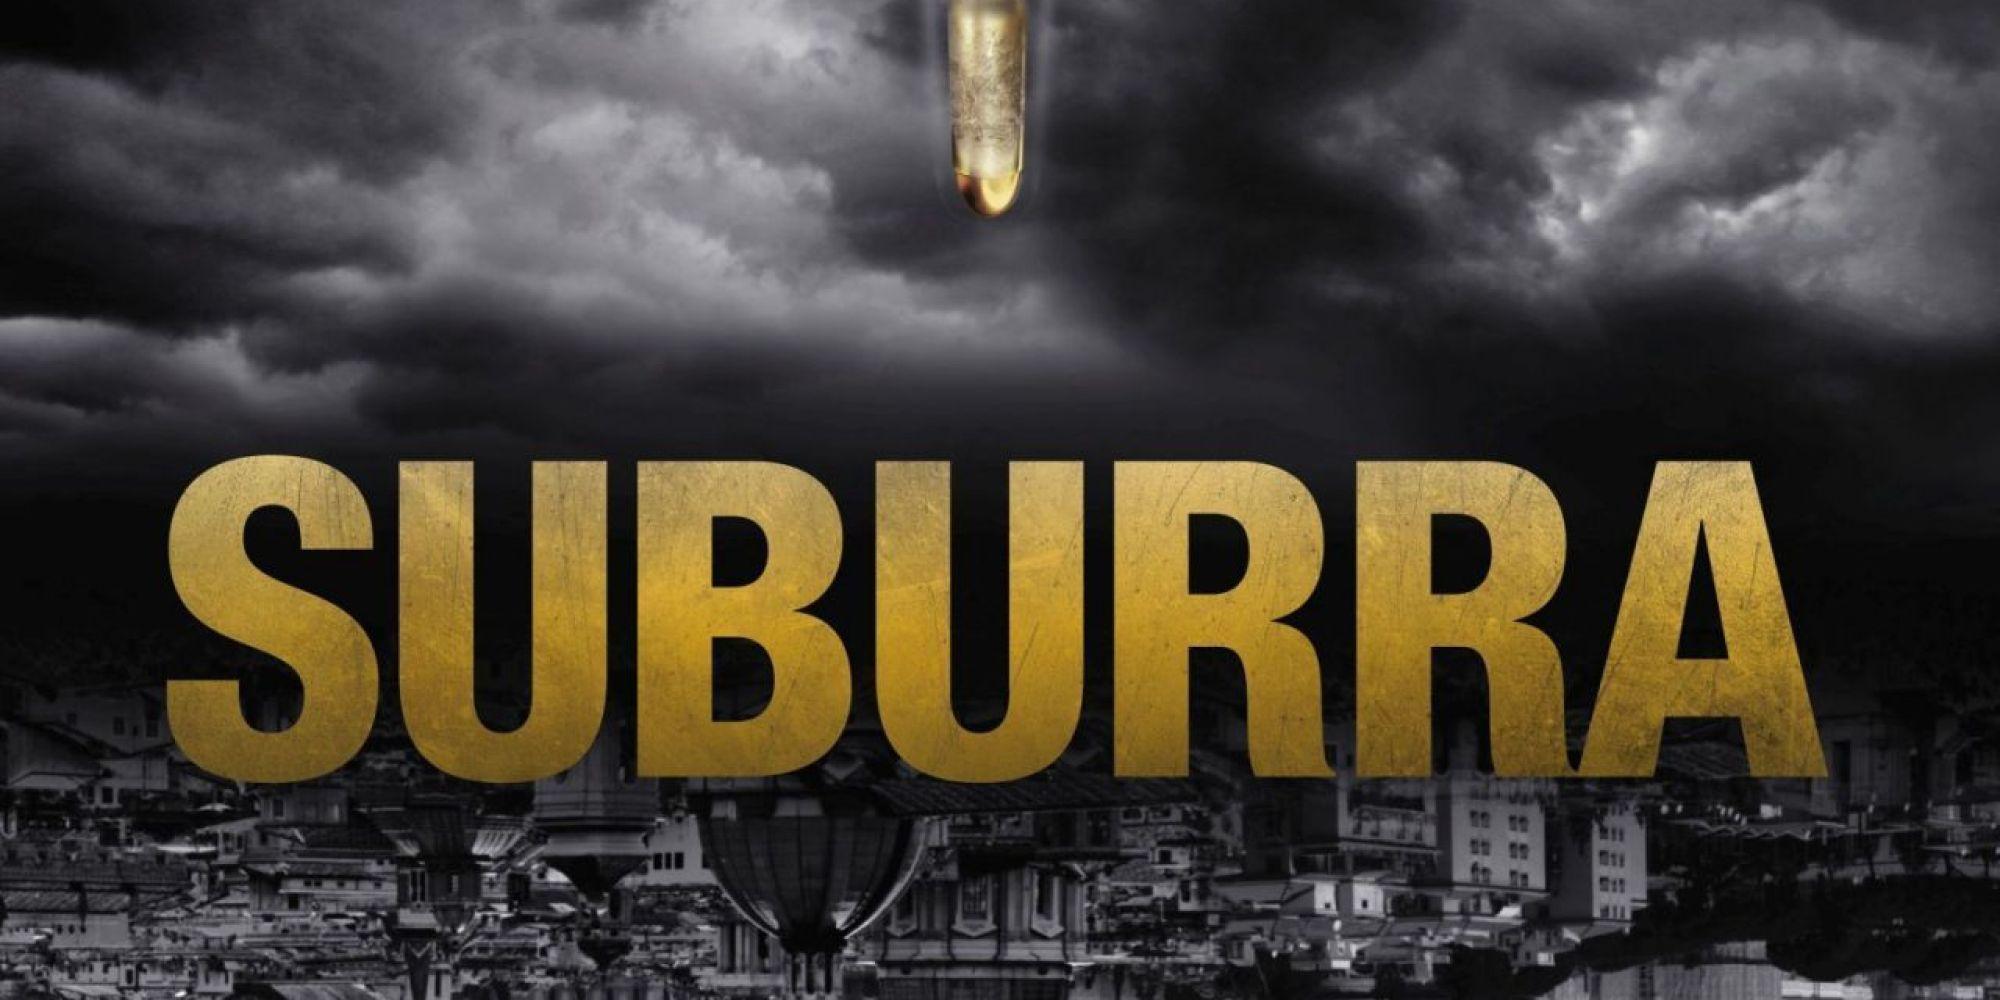 Suburra, un film da manuale di cinema